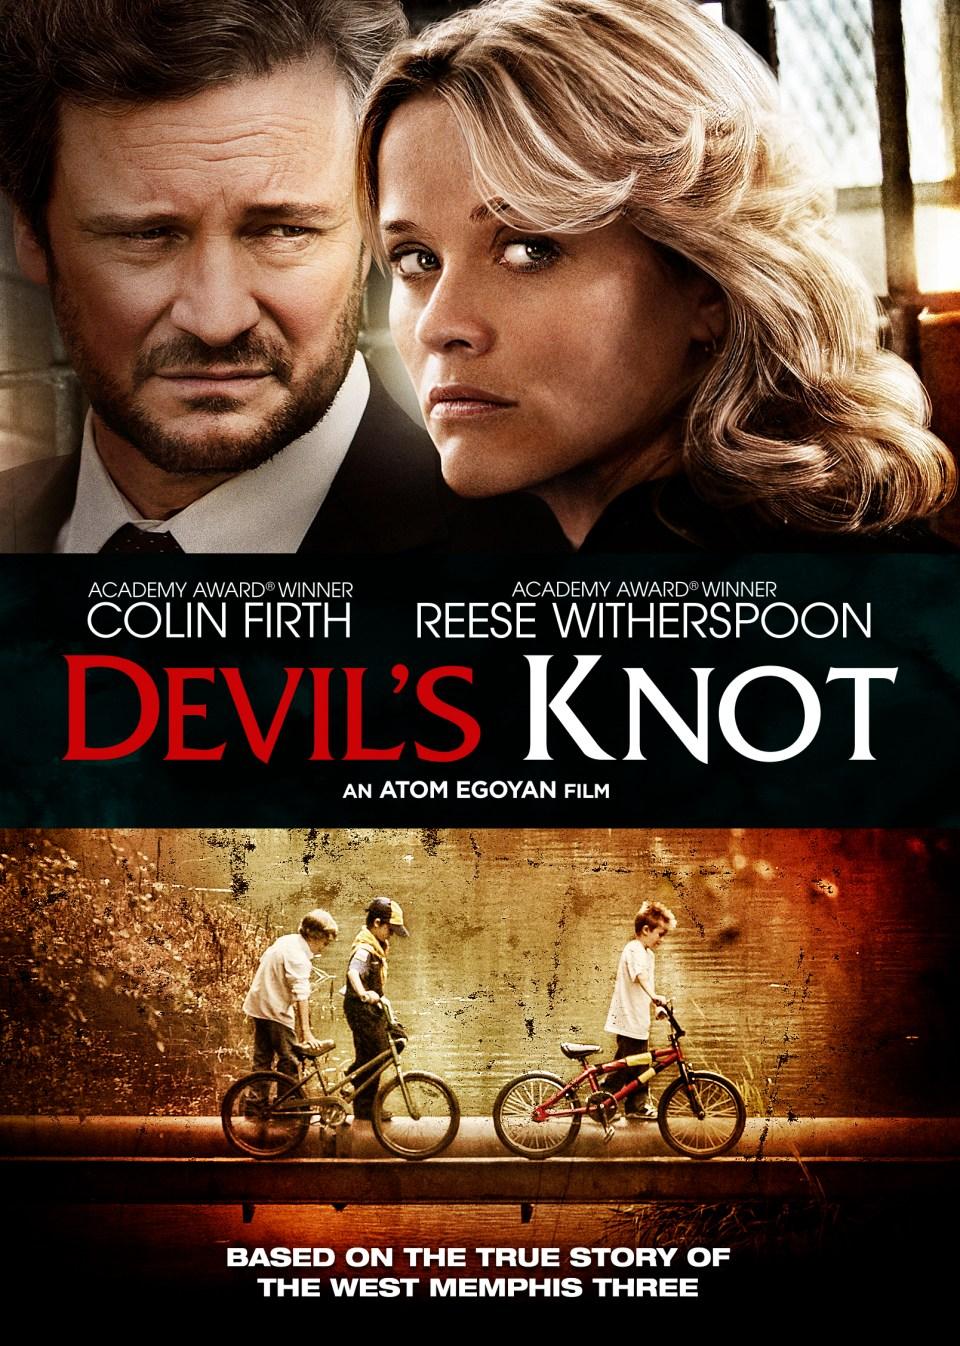 devils-knot_dvd_hic_{e4b7861d-68a5-e311-8c44-020045490004}